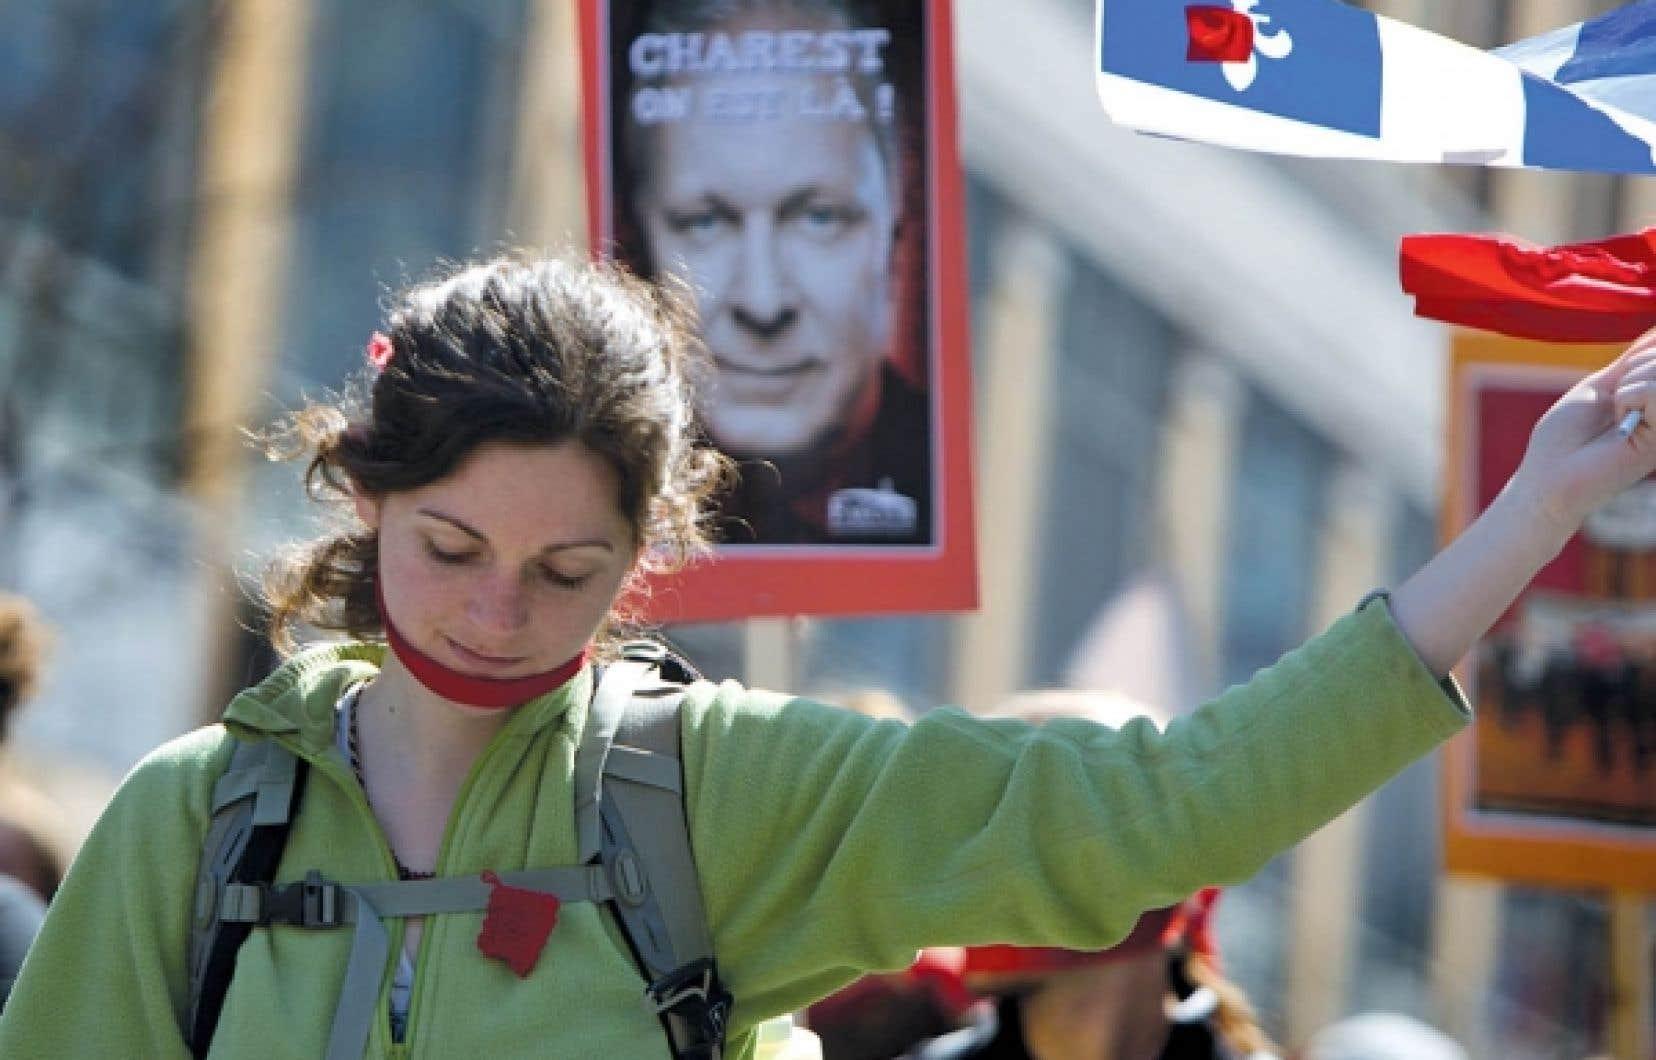 La crise sociale vécue actuellement appelle d'urgence une solution négociée par les acteurs politiques, soutient le professeur Christian Brunelle.